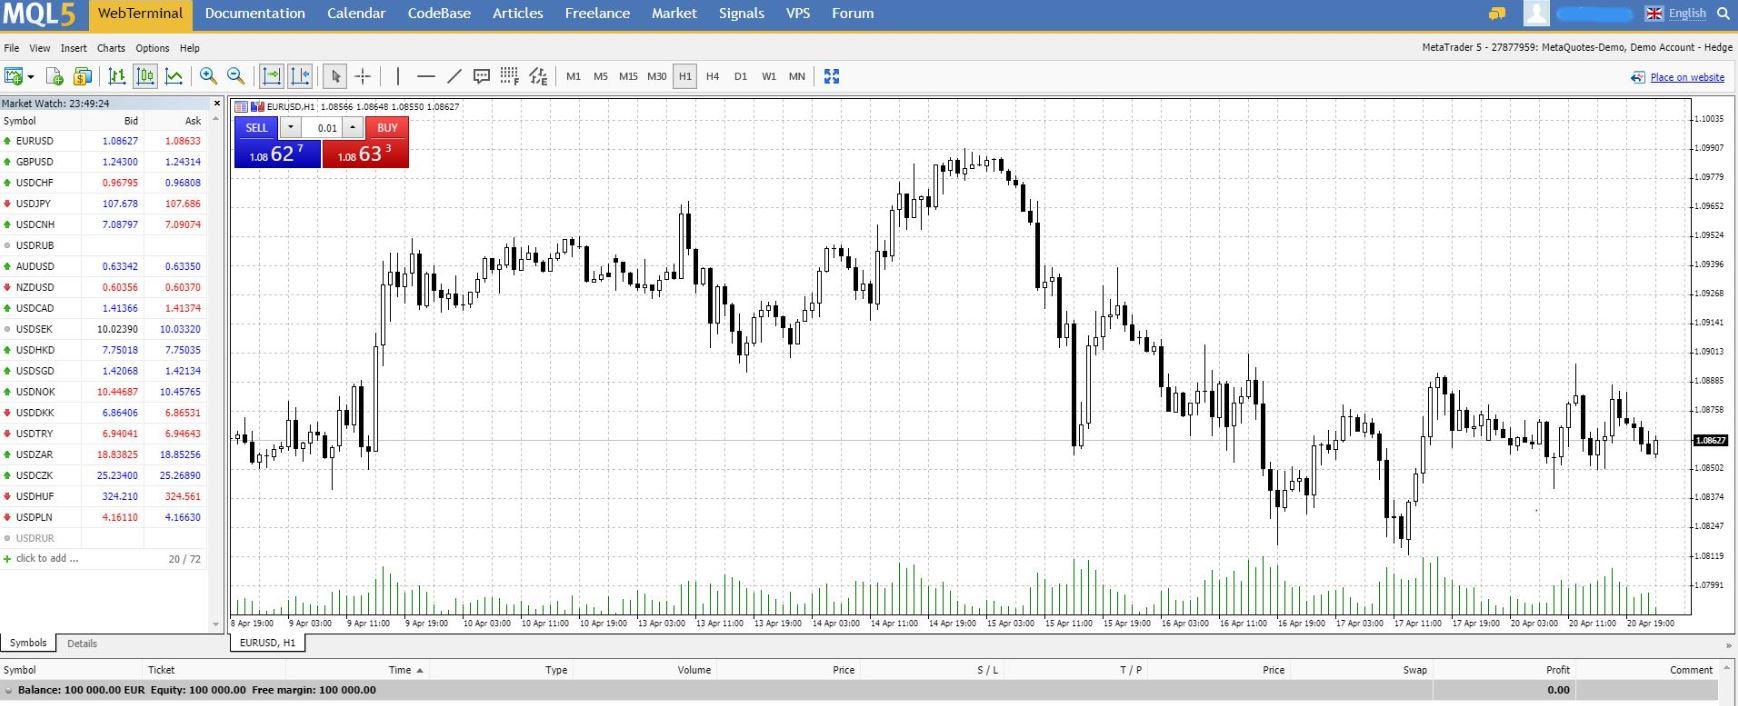 FP Markets MetaTrader WebTrader Platform